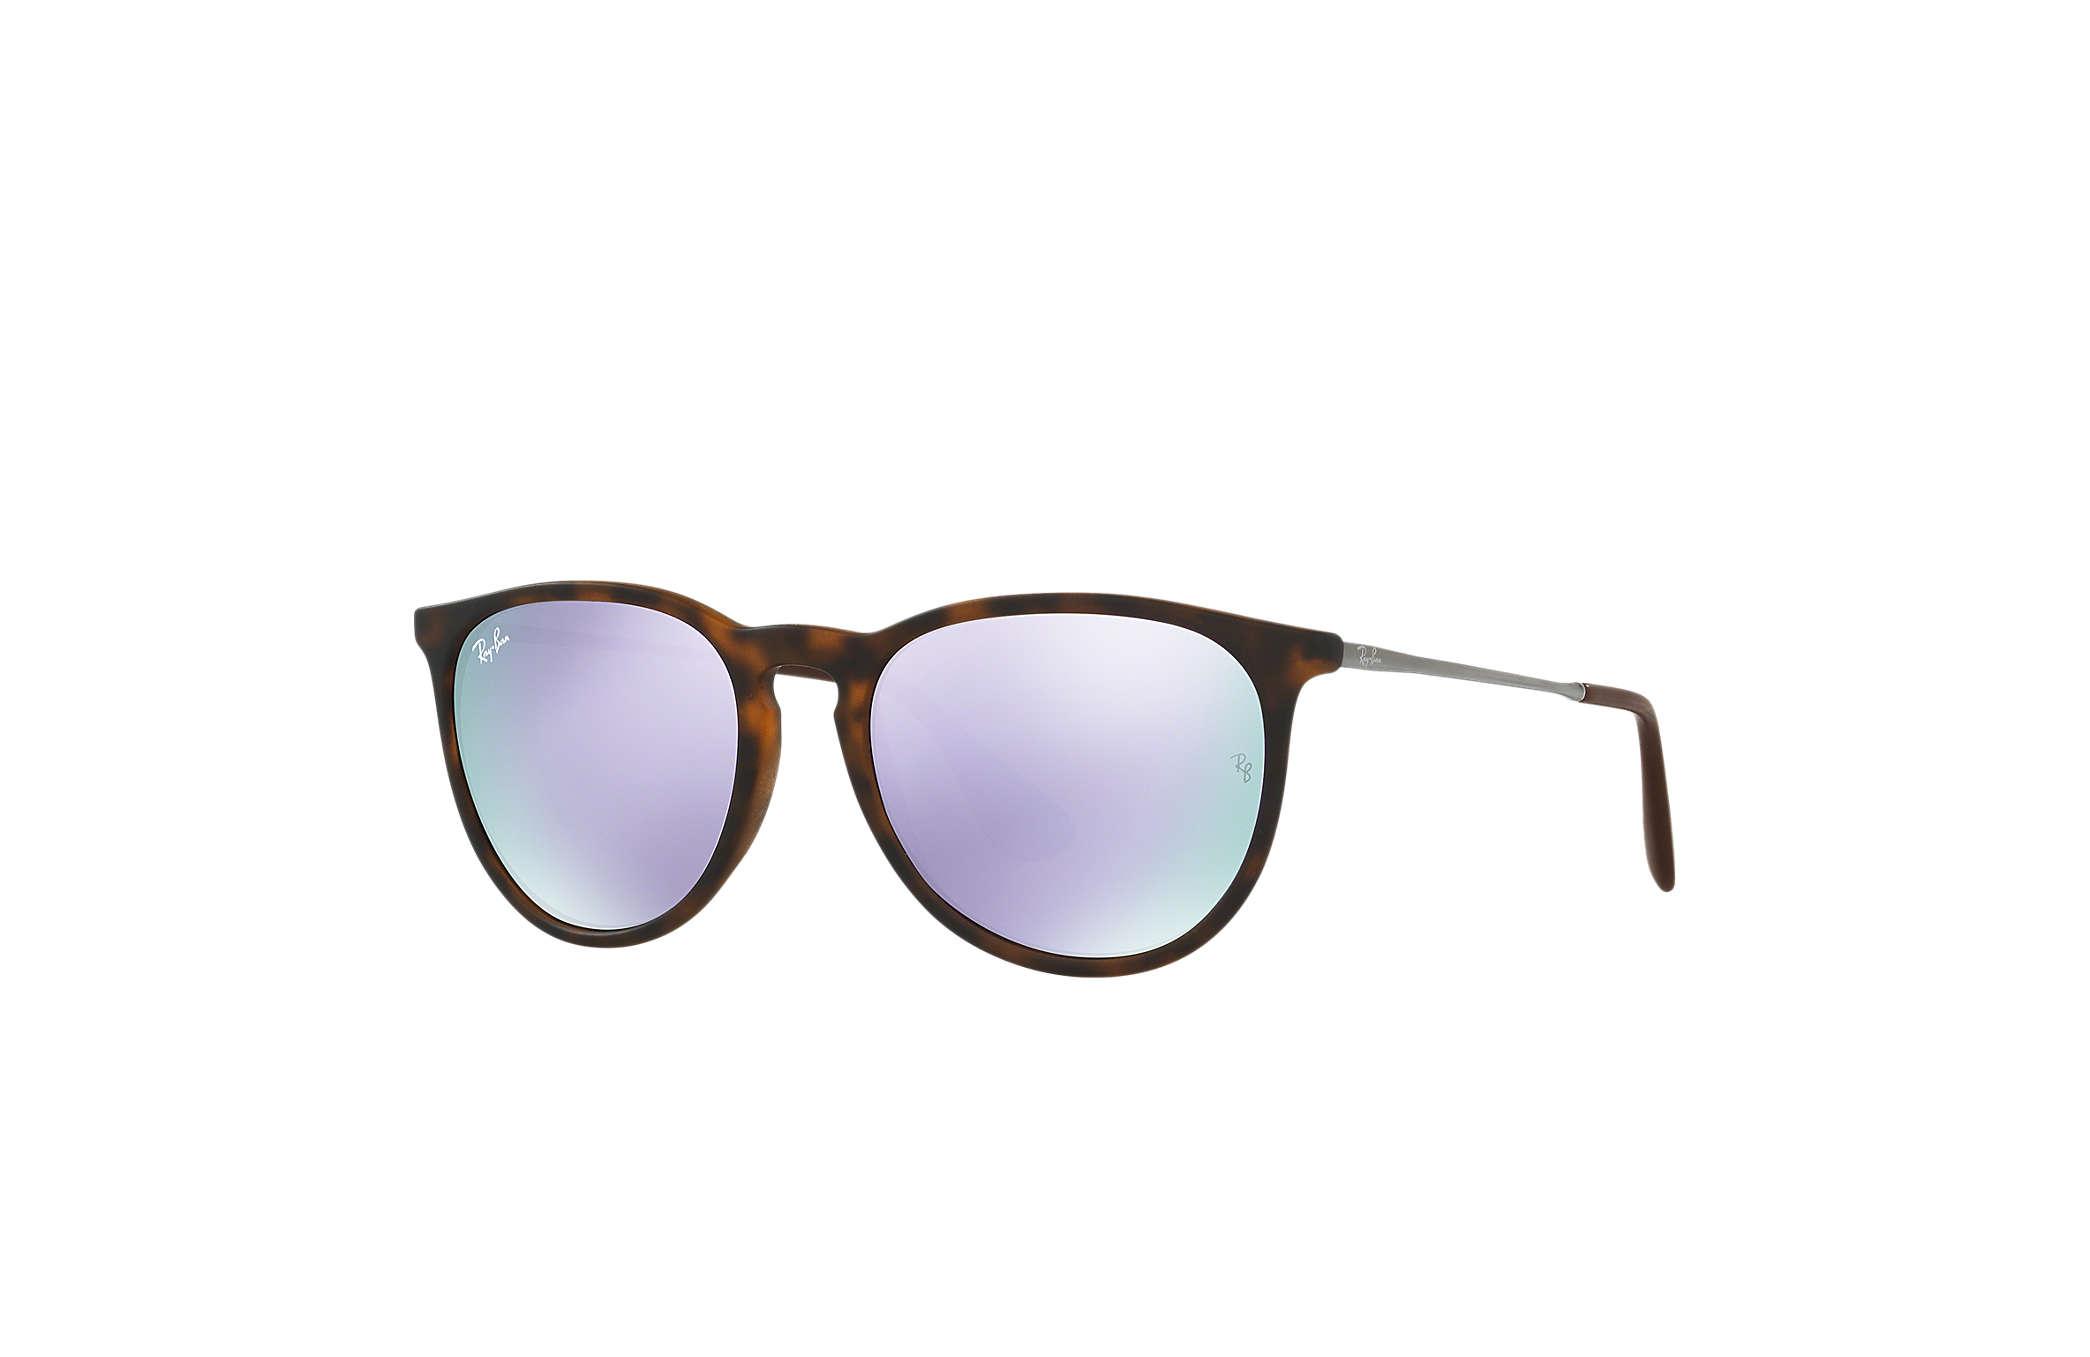 Ray Ban RB4171 Erika Sonnenbrille, polarisiert, glänzend